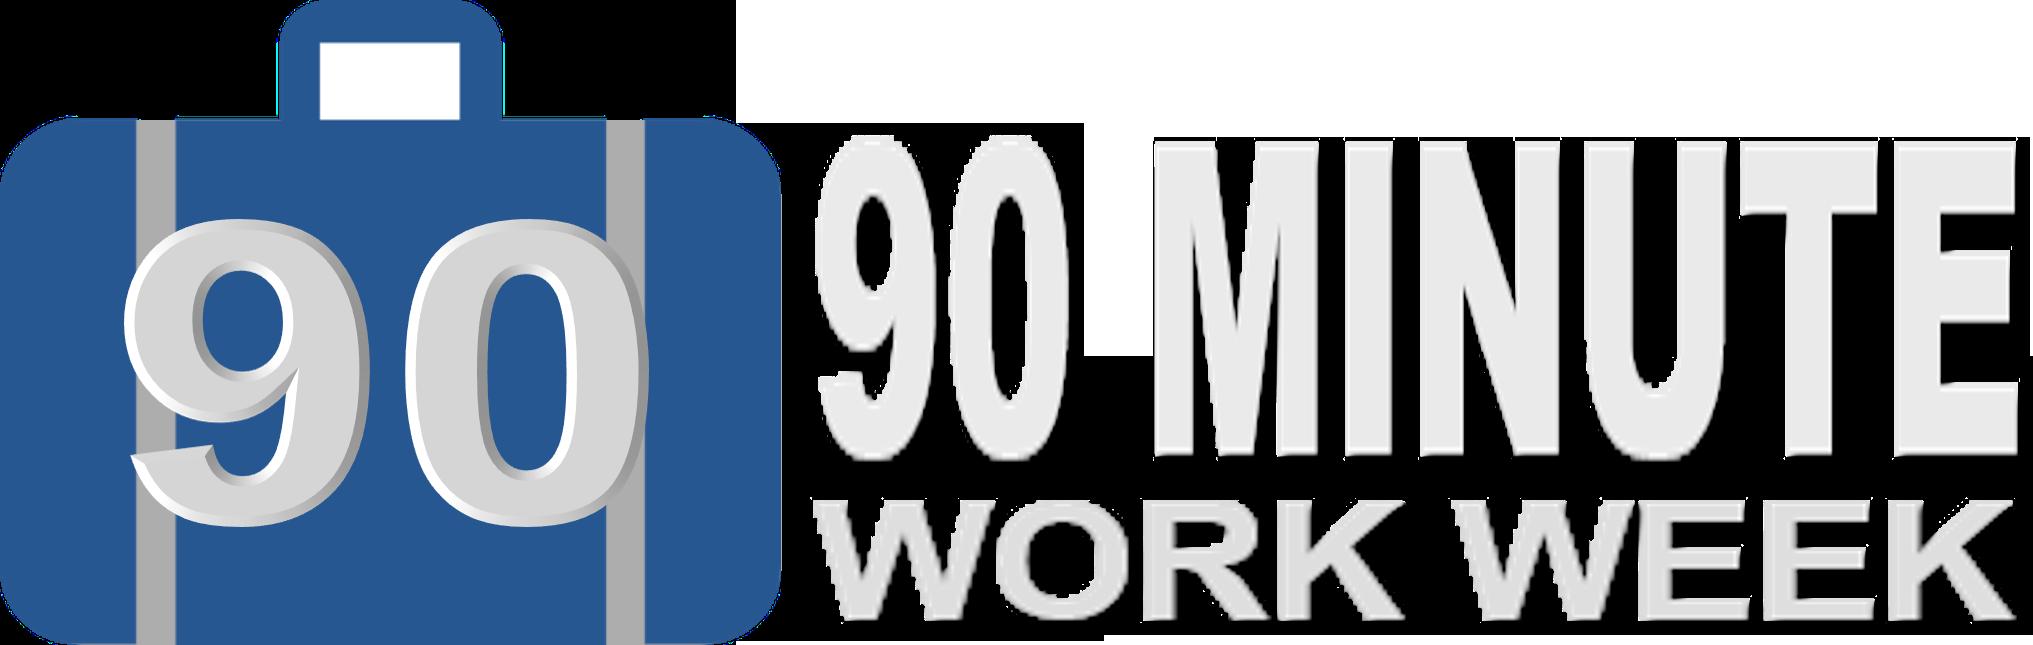 90 minute Work Week